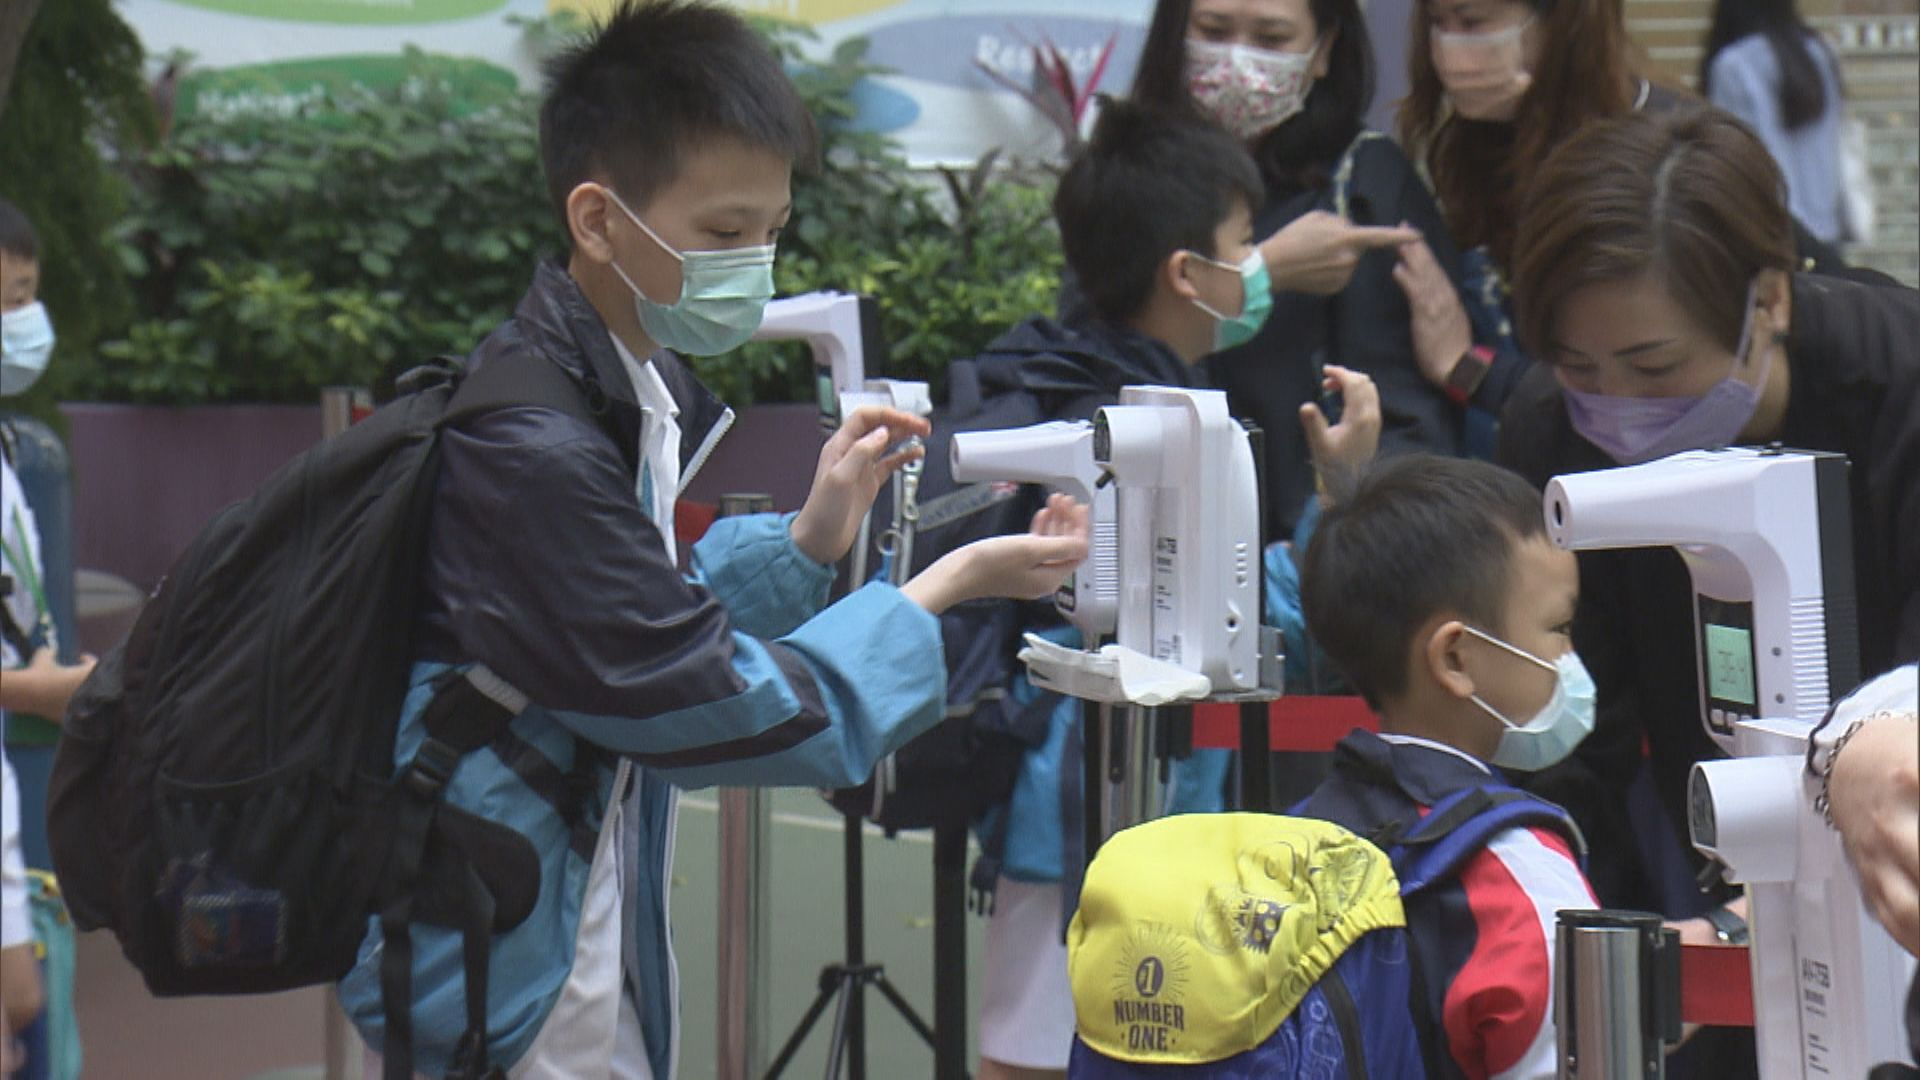 近兩周14間學校爆上呼吸道感染 醫生指病毒開始活躍